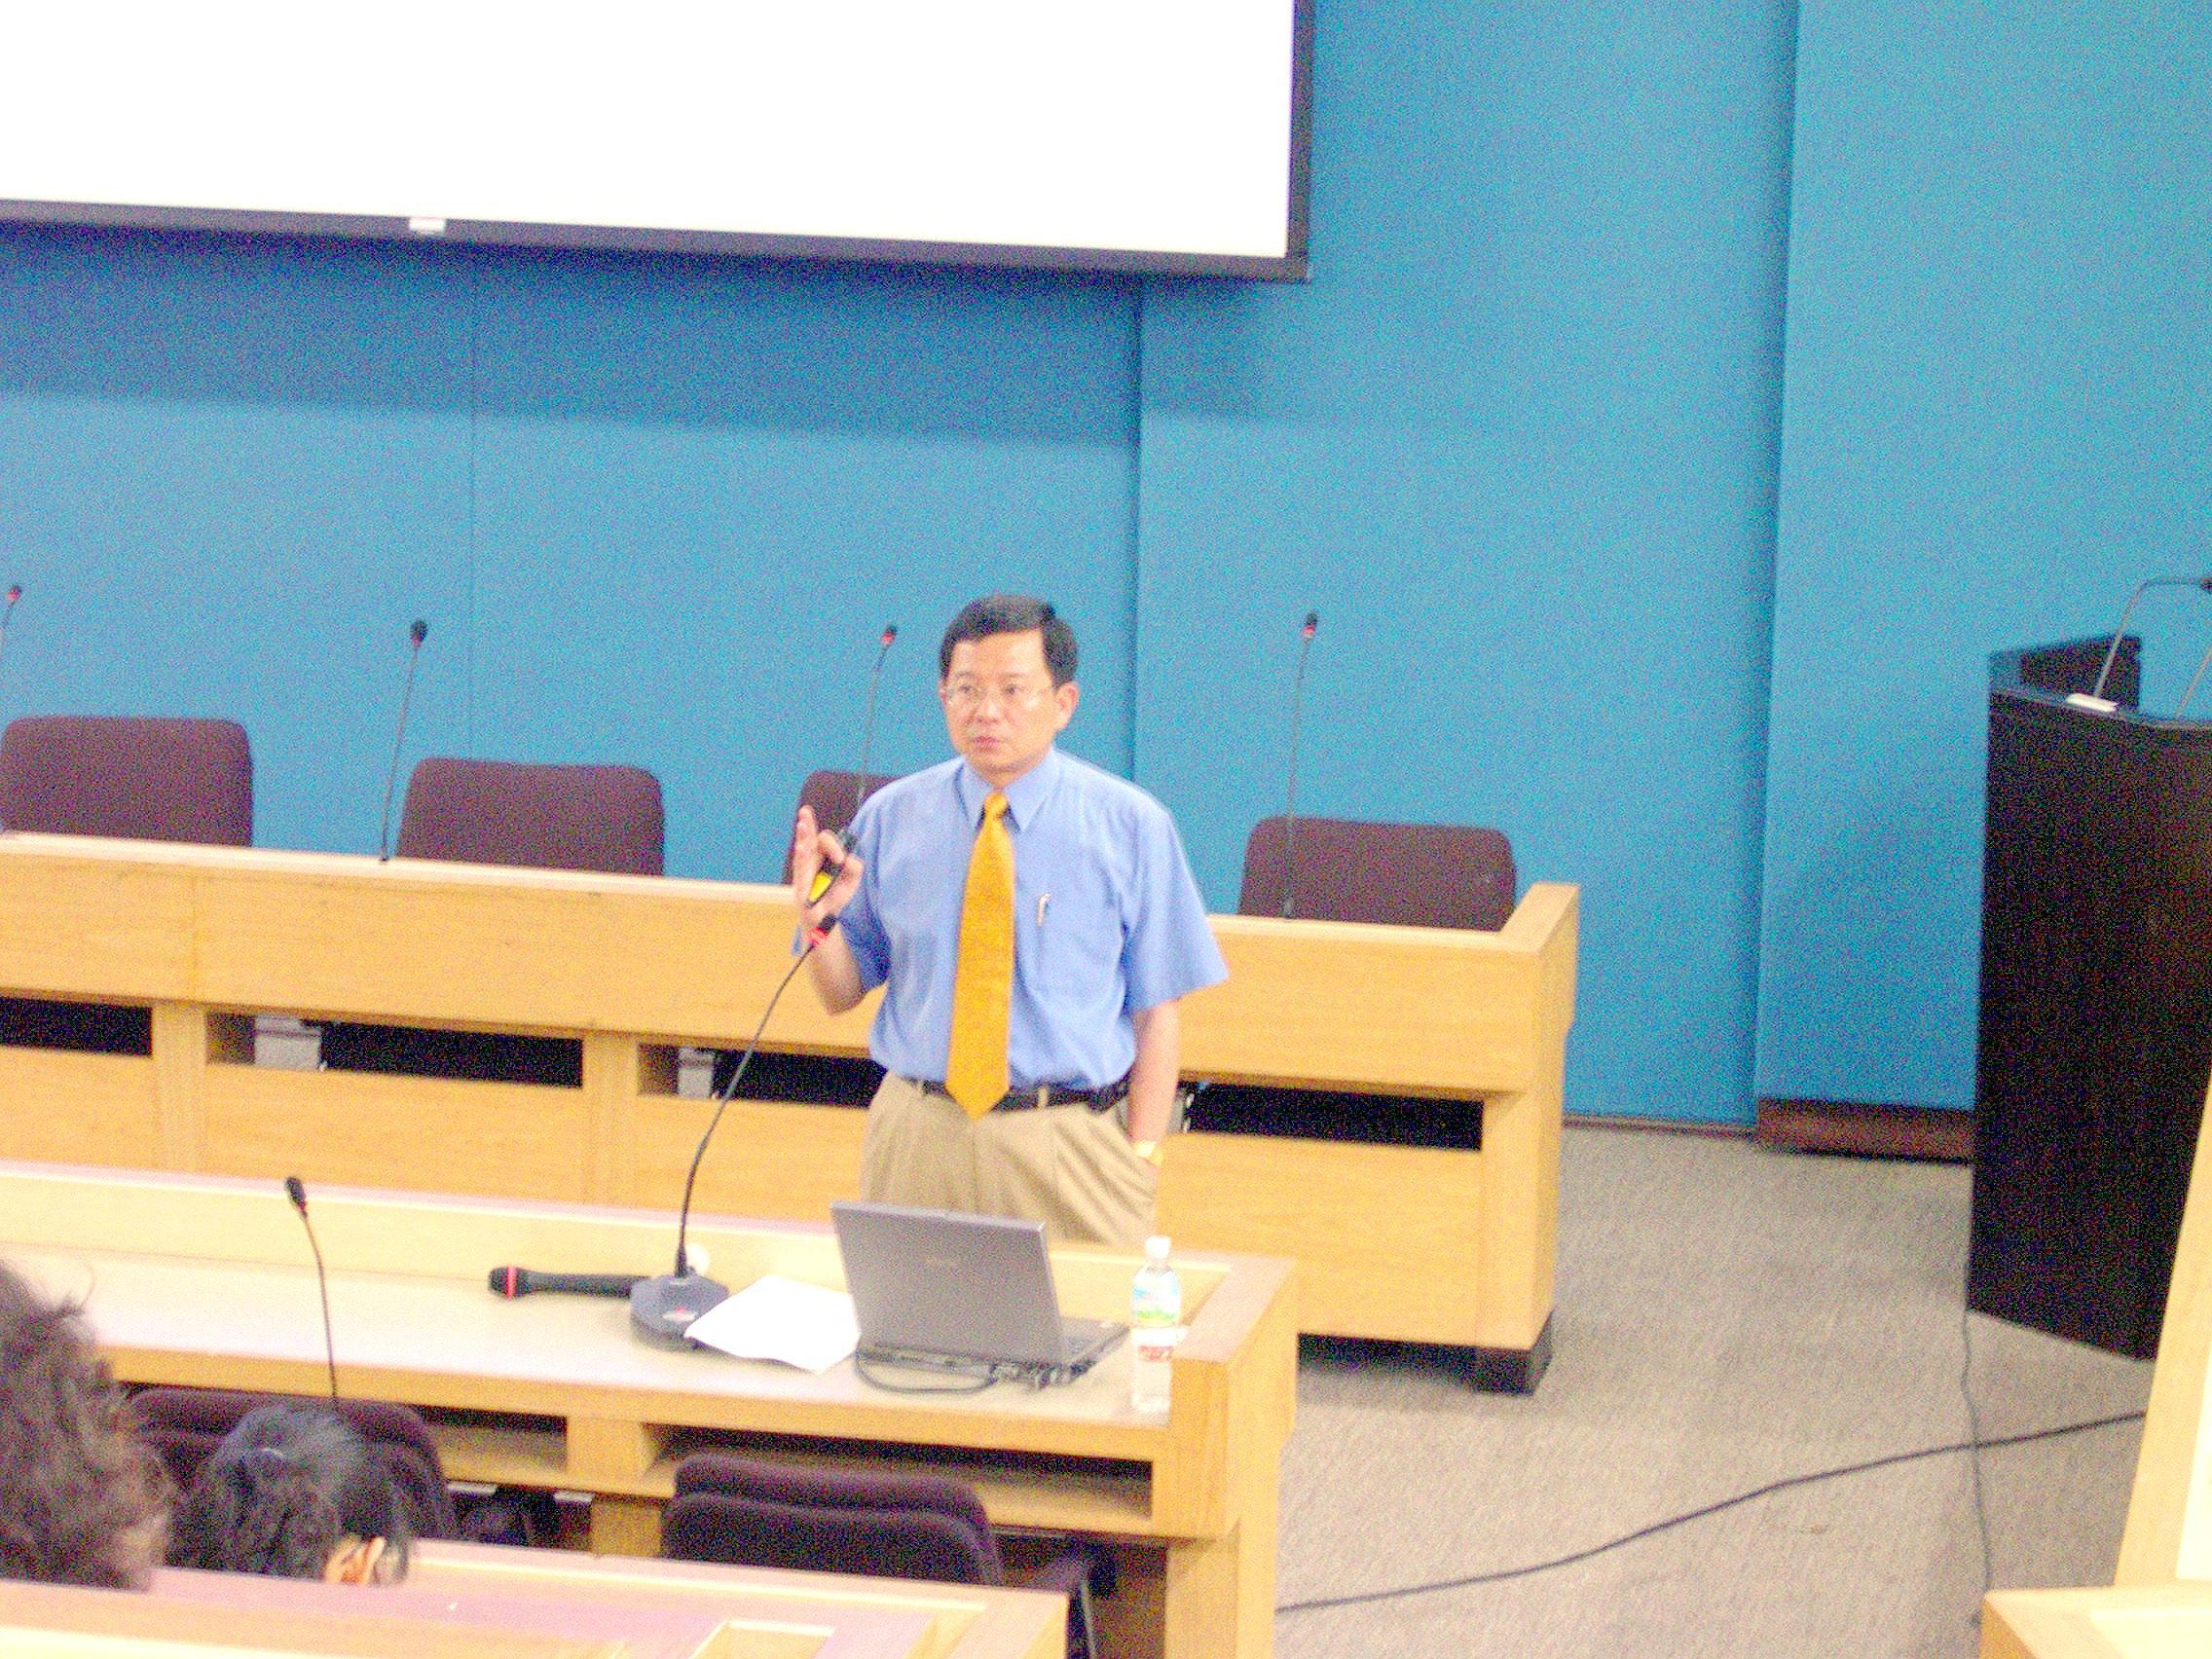 品質研究中心執行長江瑞清 - 談流程品質管理